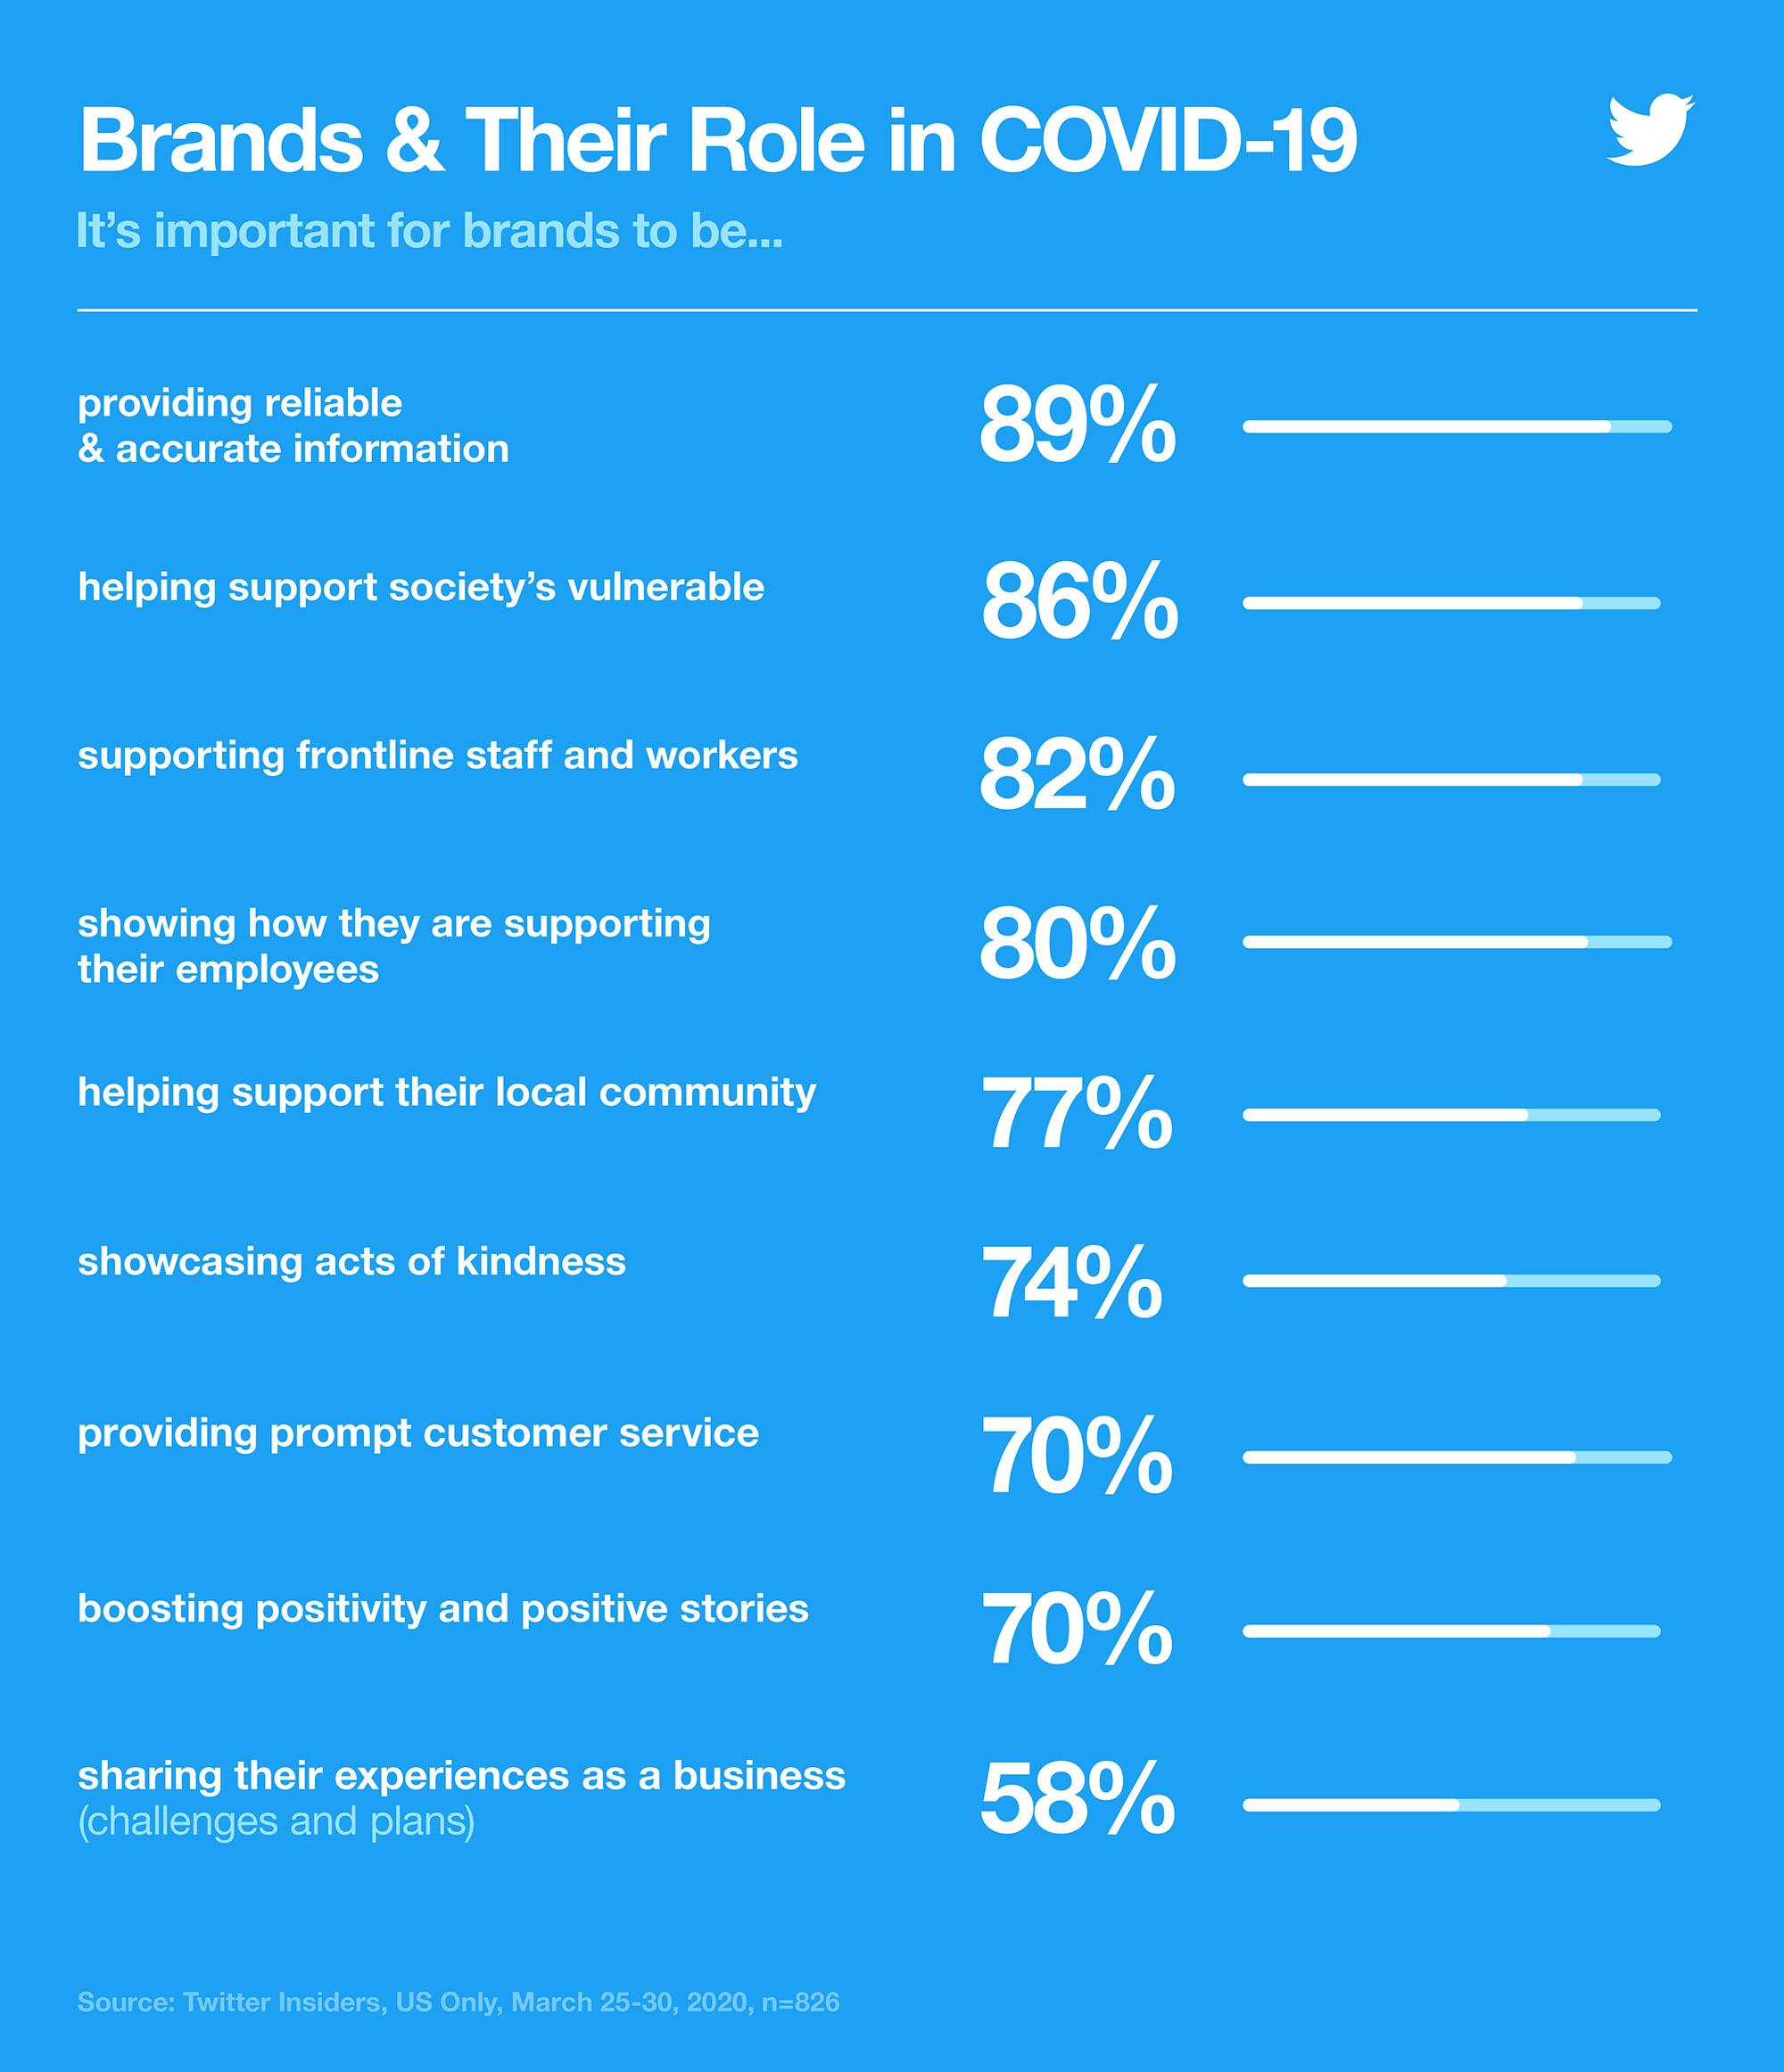 Infografía que muestra las marcas y su papel durante COVID-19